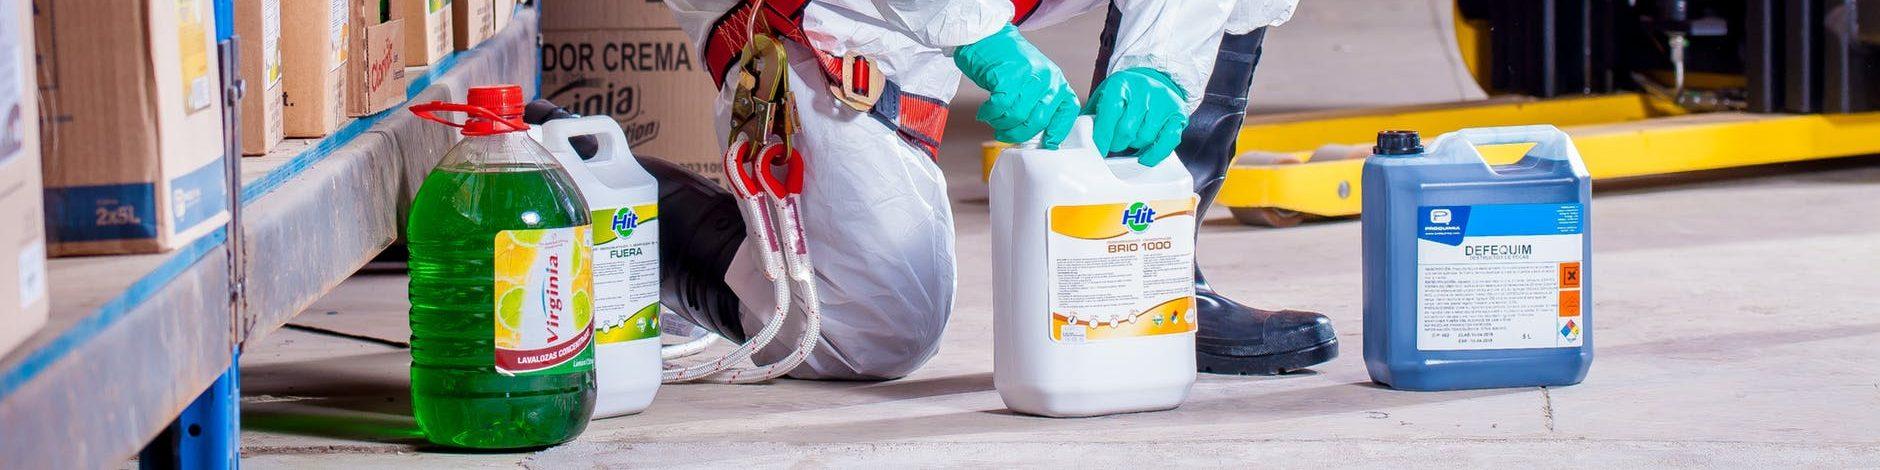 Activité, industrie, biocontamination biodétérioration - France Organo Chimique